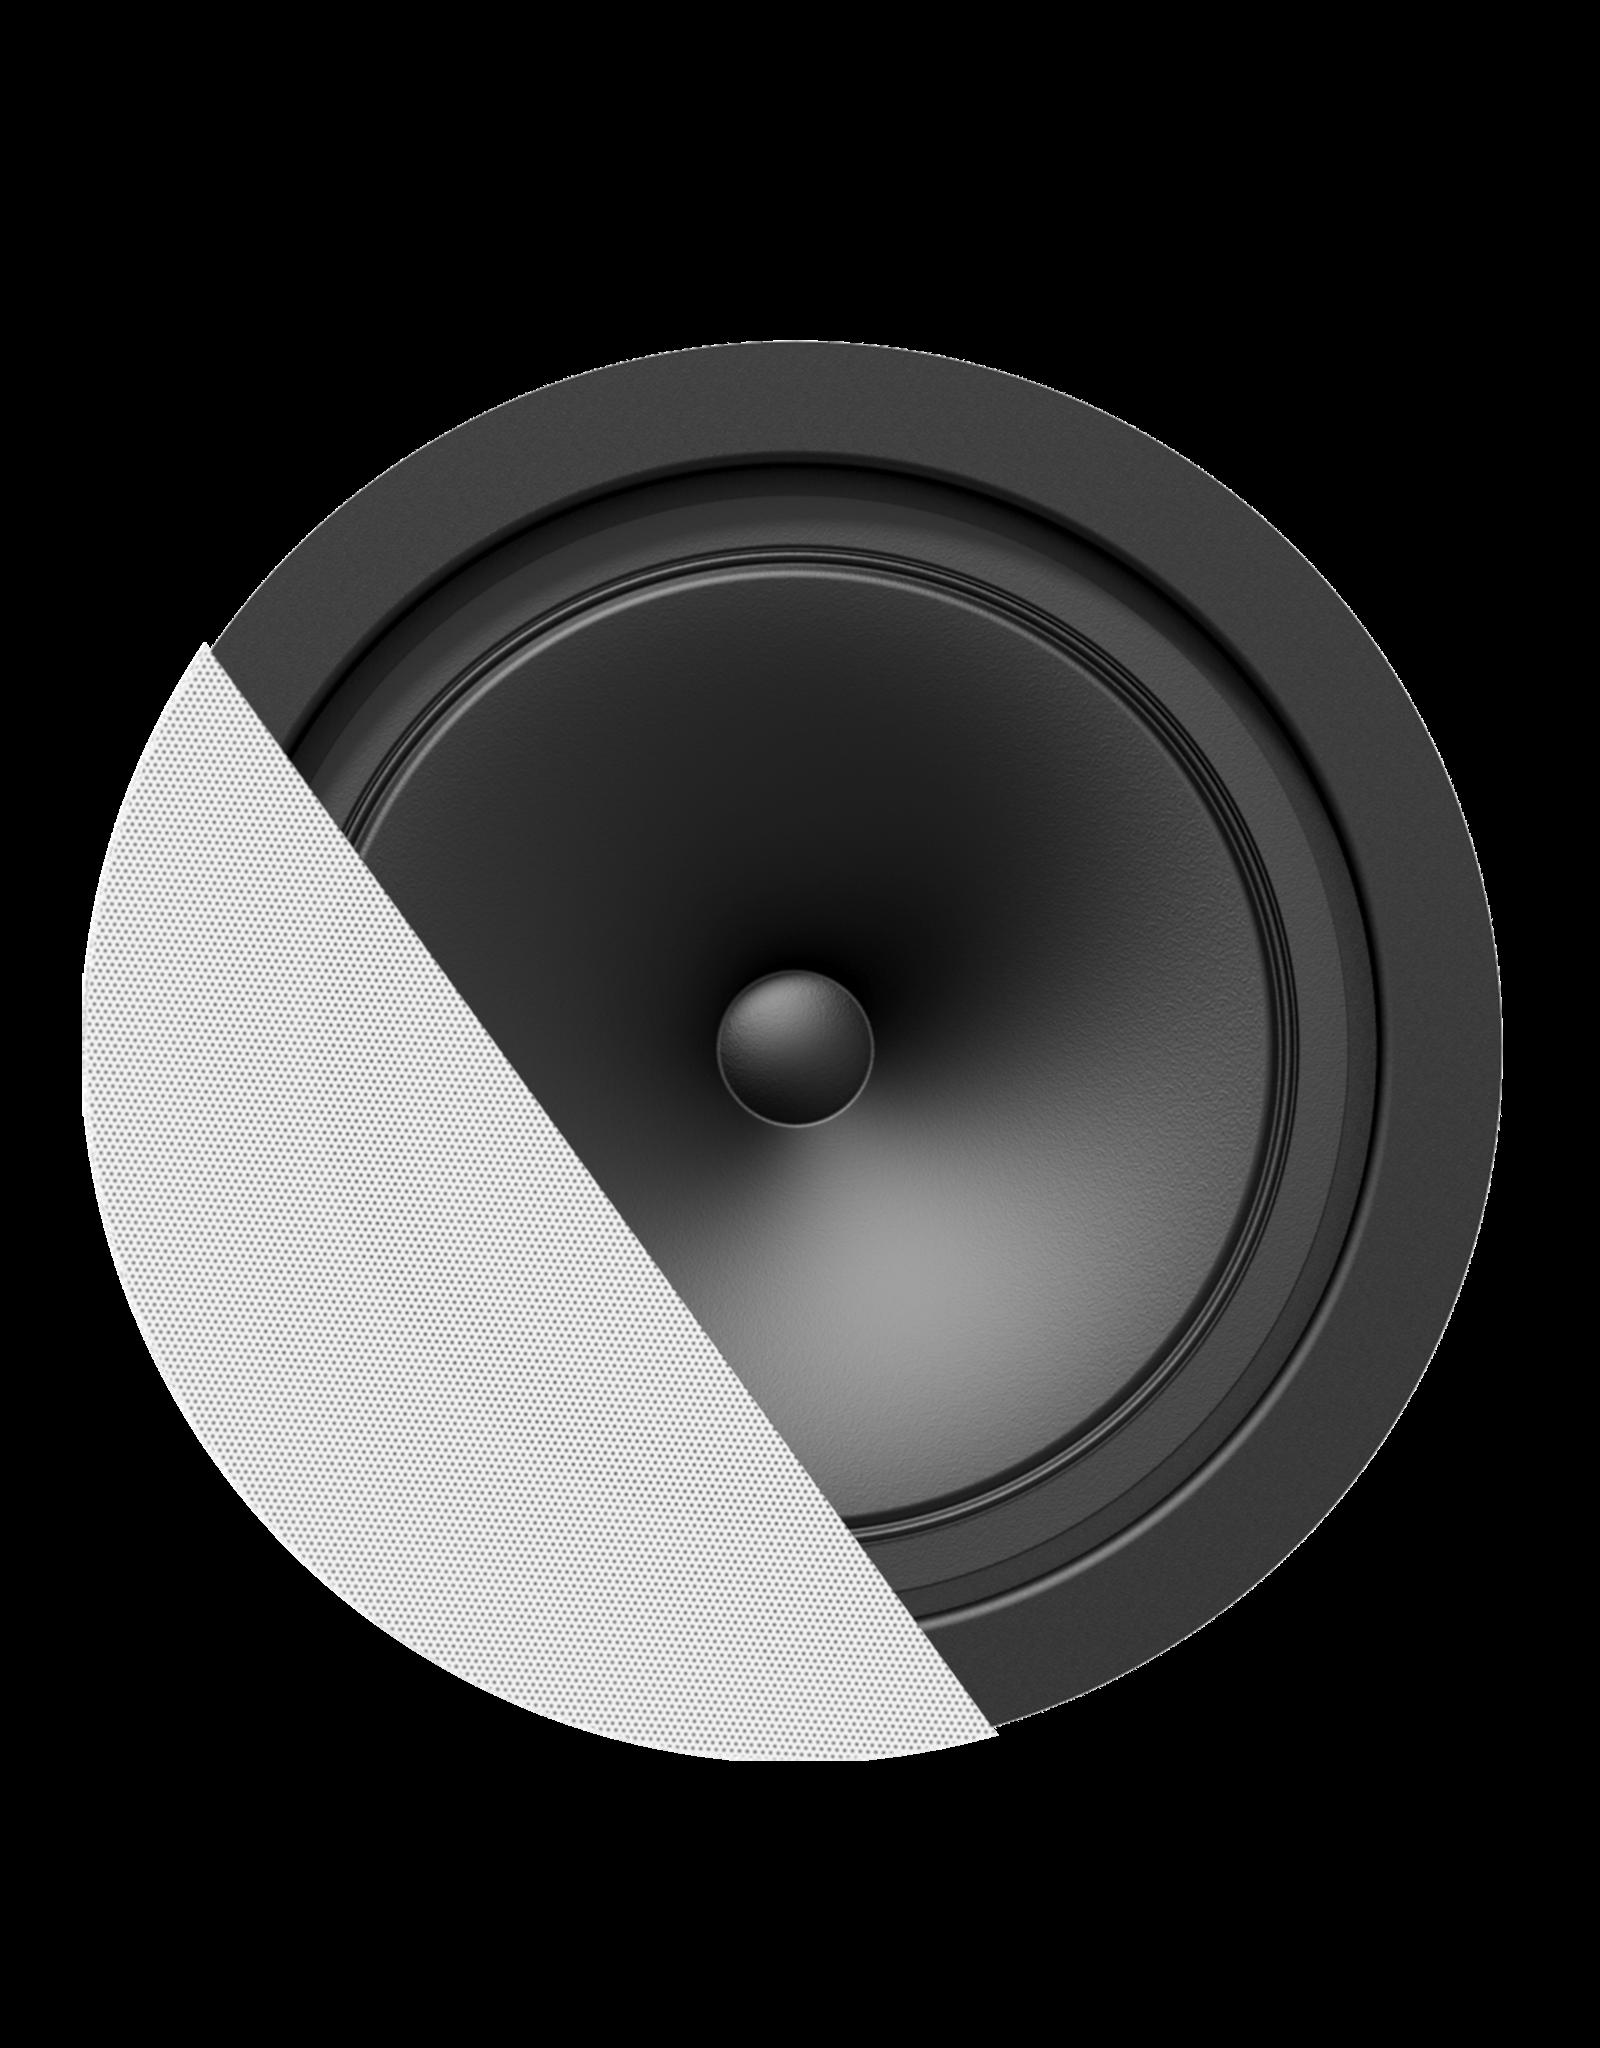 """Audac SpringFit™ 6.5"""" ceiling speaker White version - 16?"""